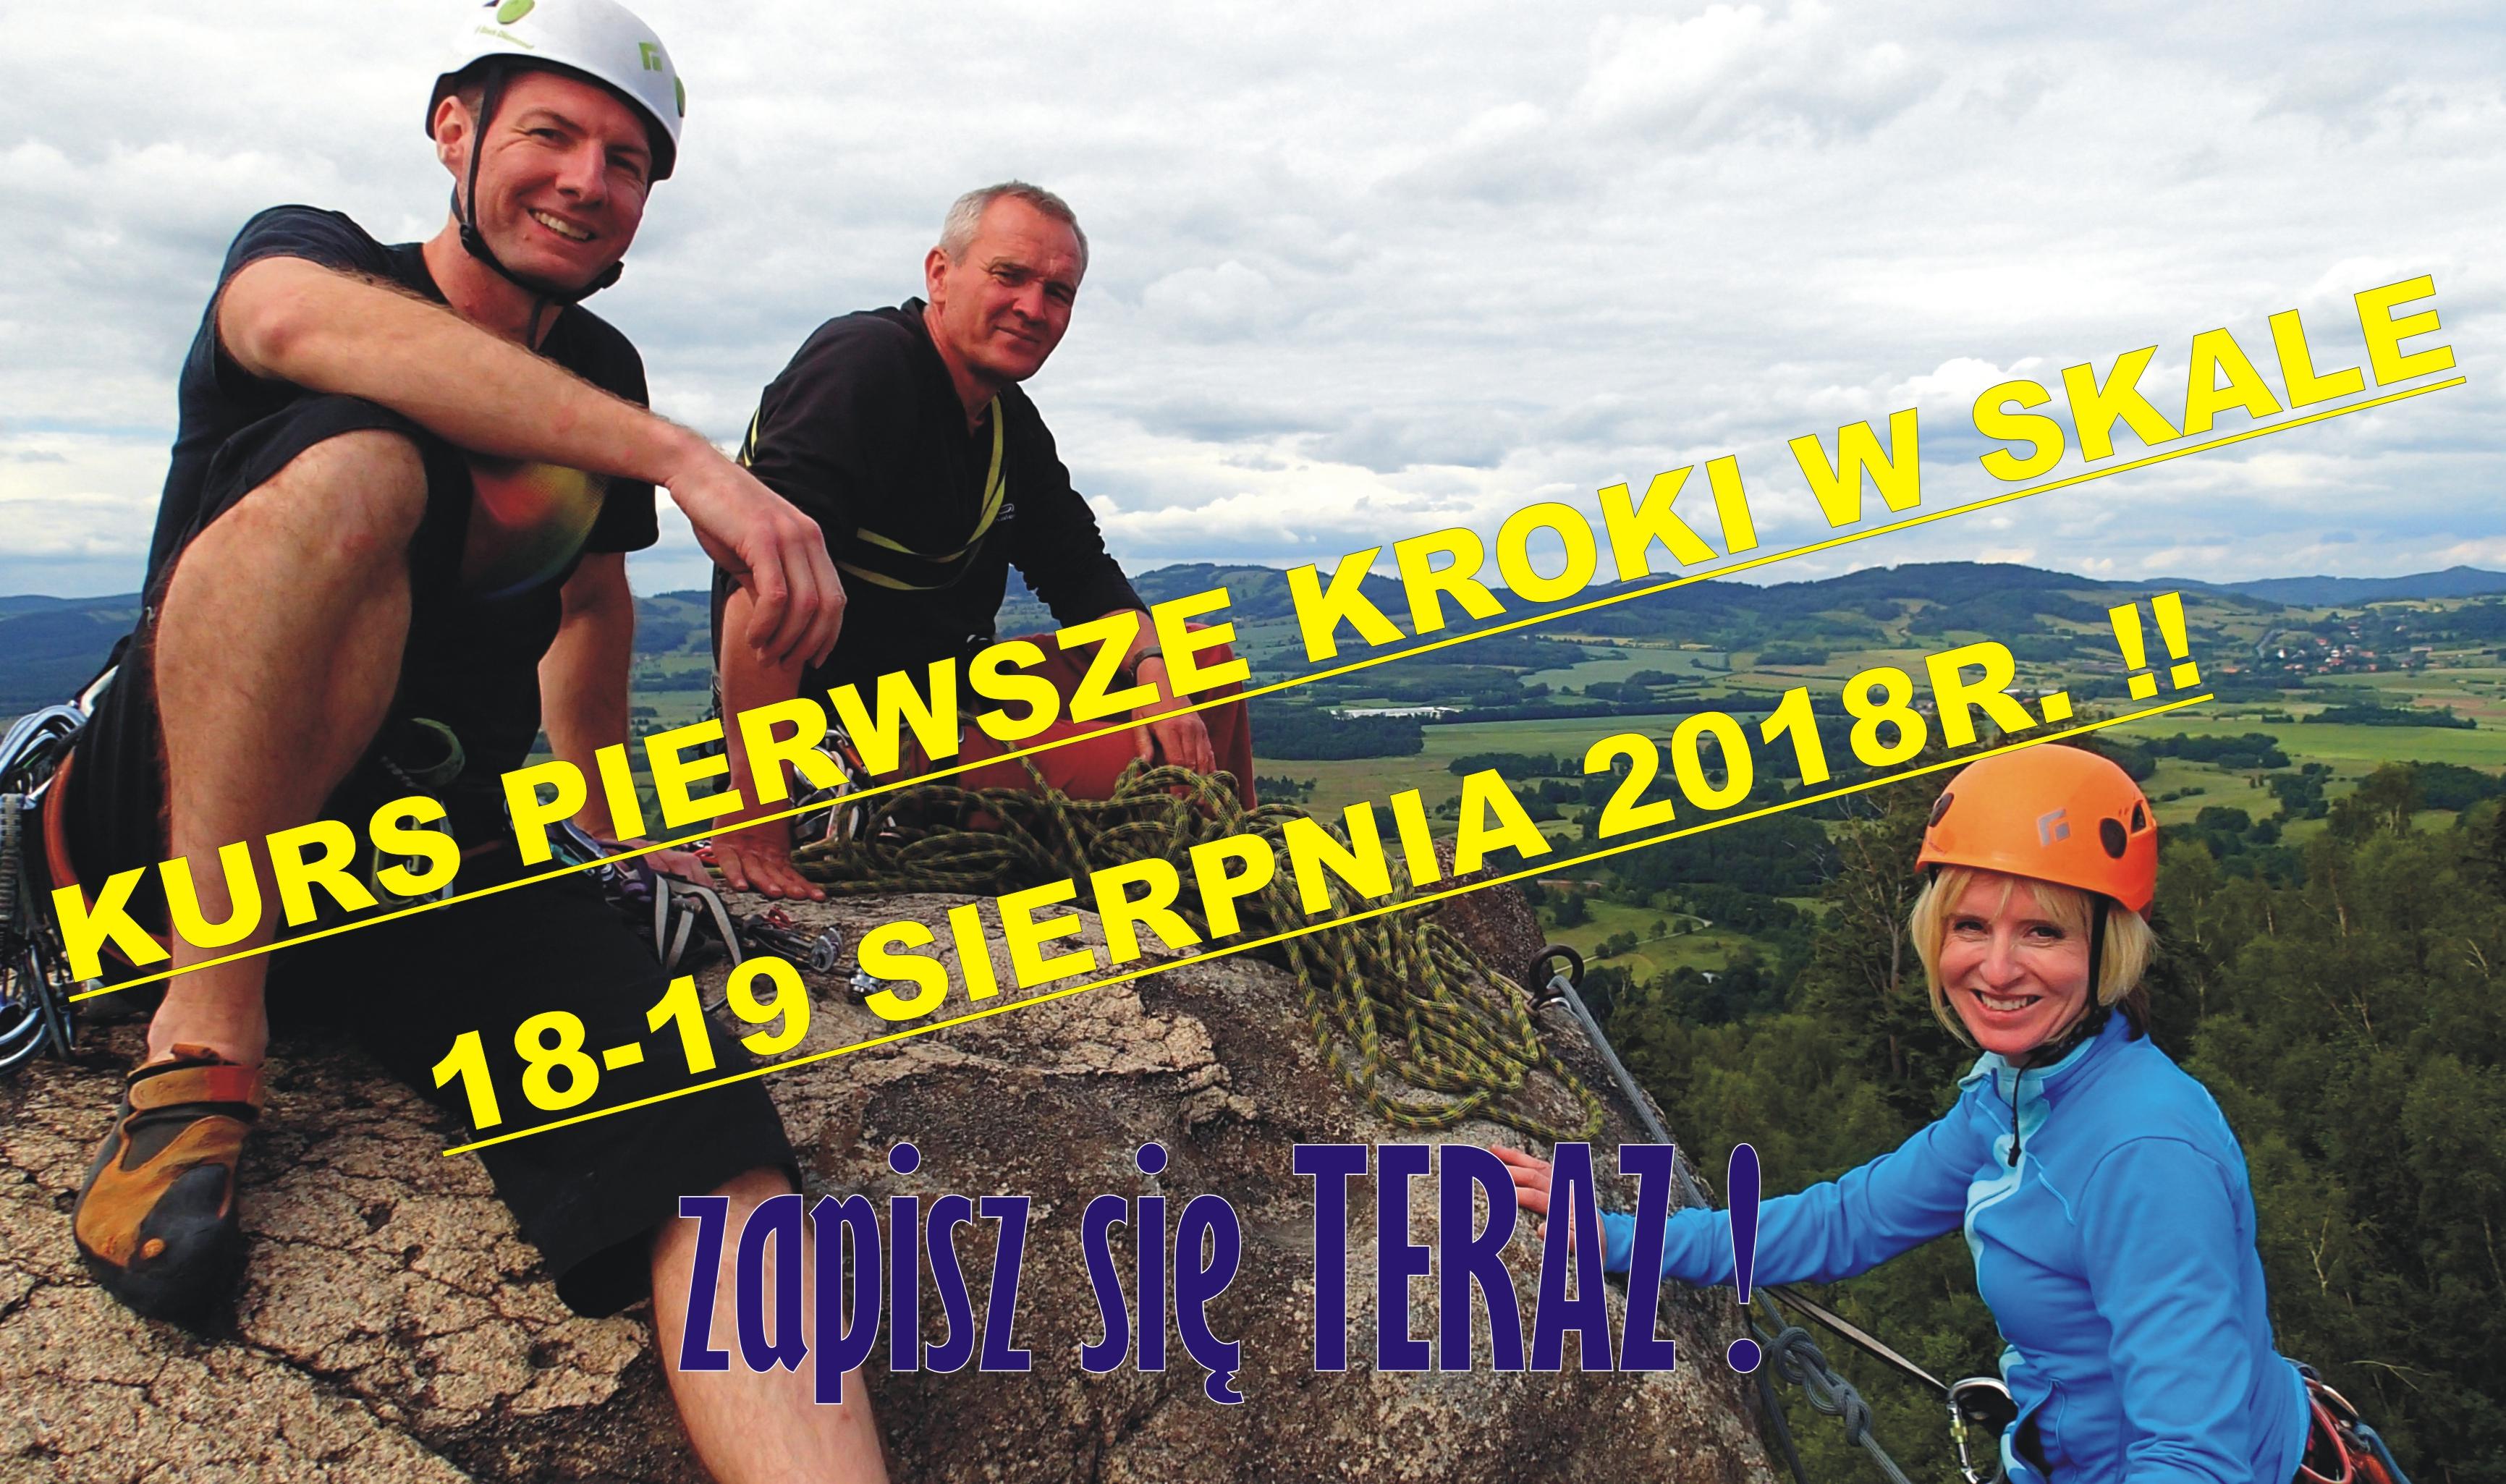 Kursy wspinaczkowe w Sokolikach